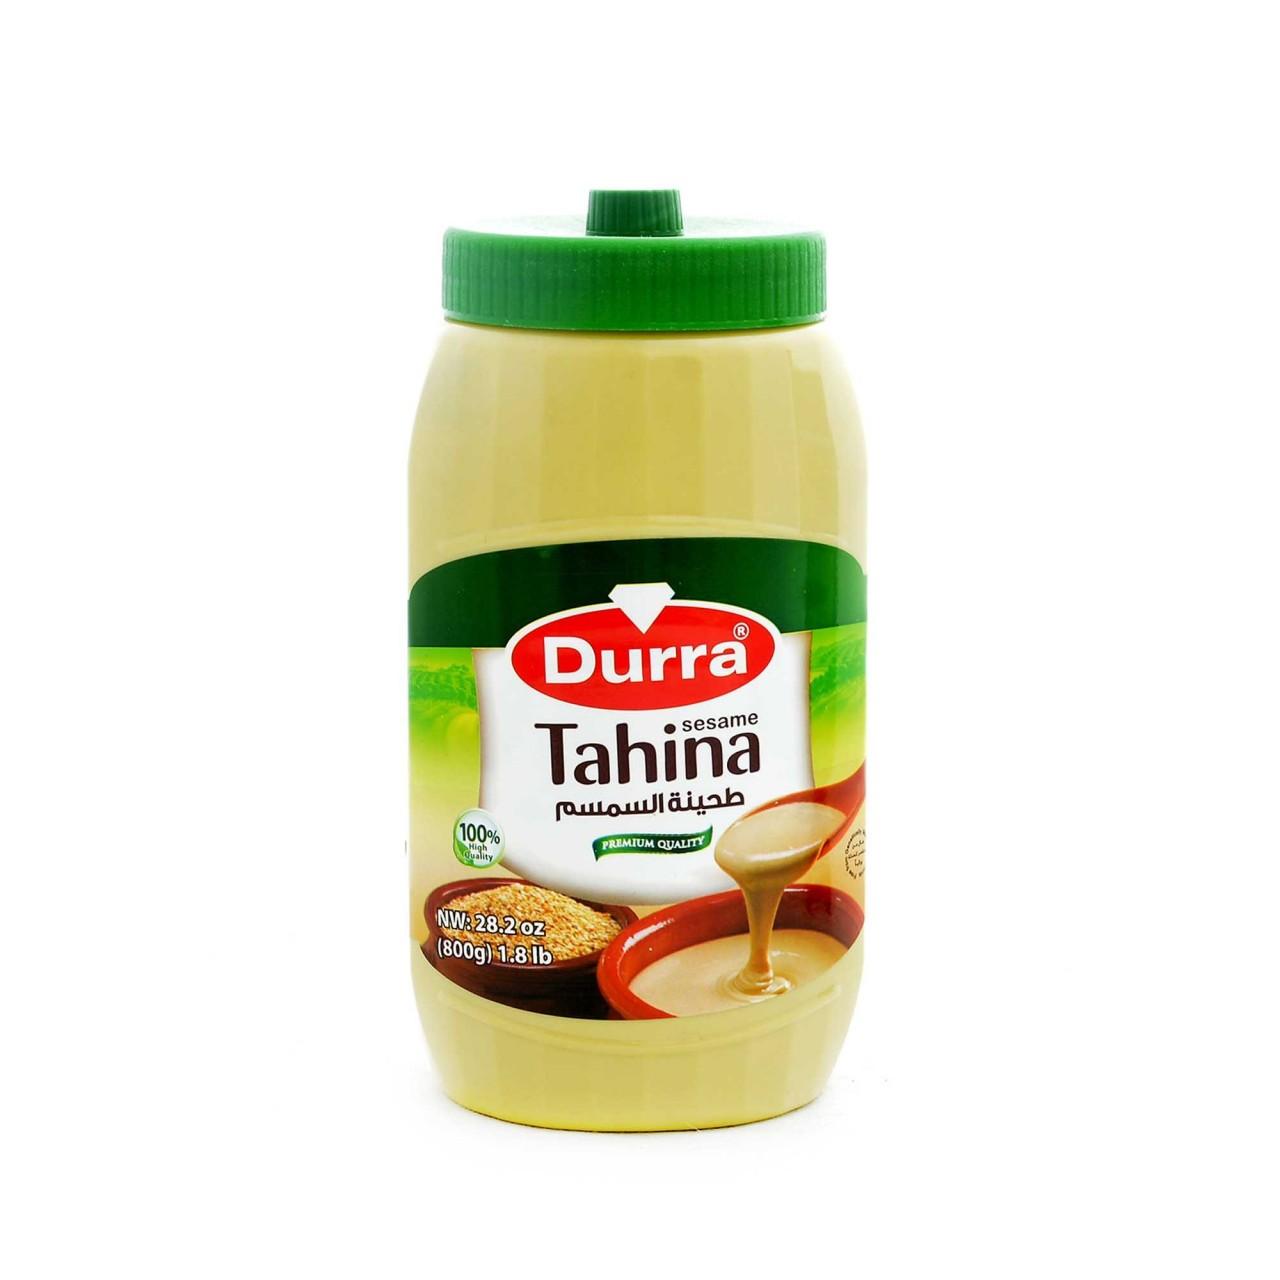 Durra tahina